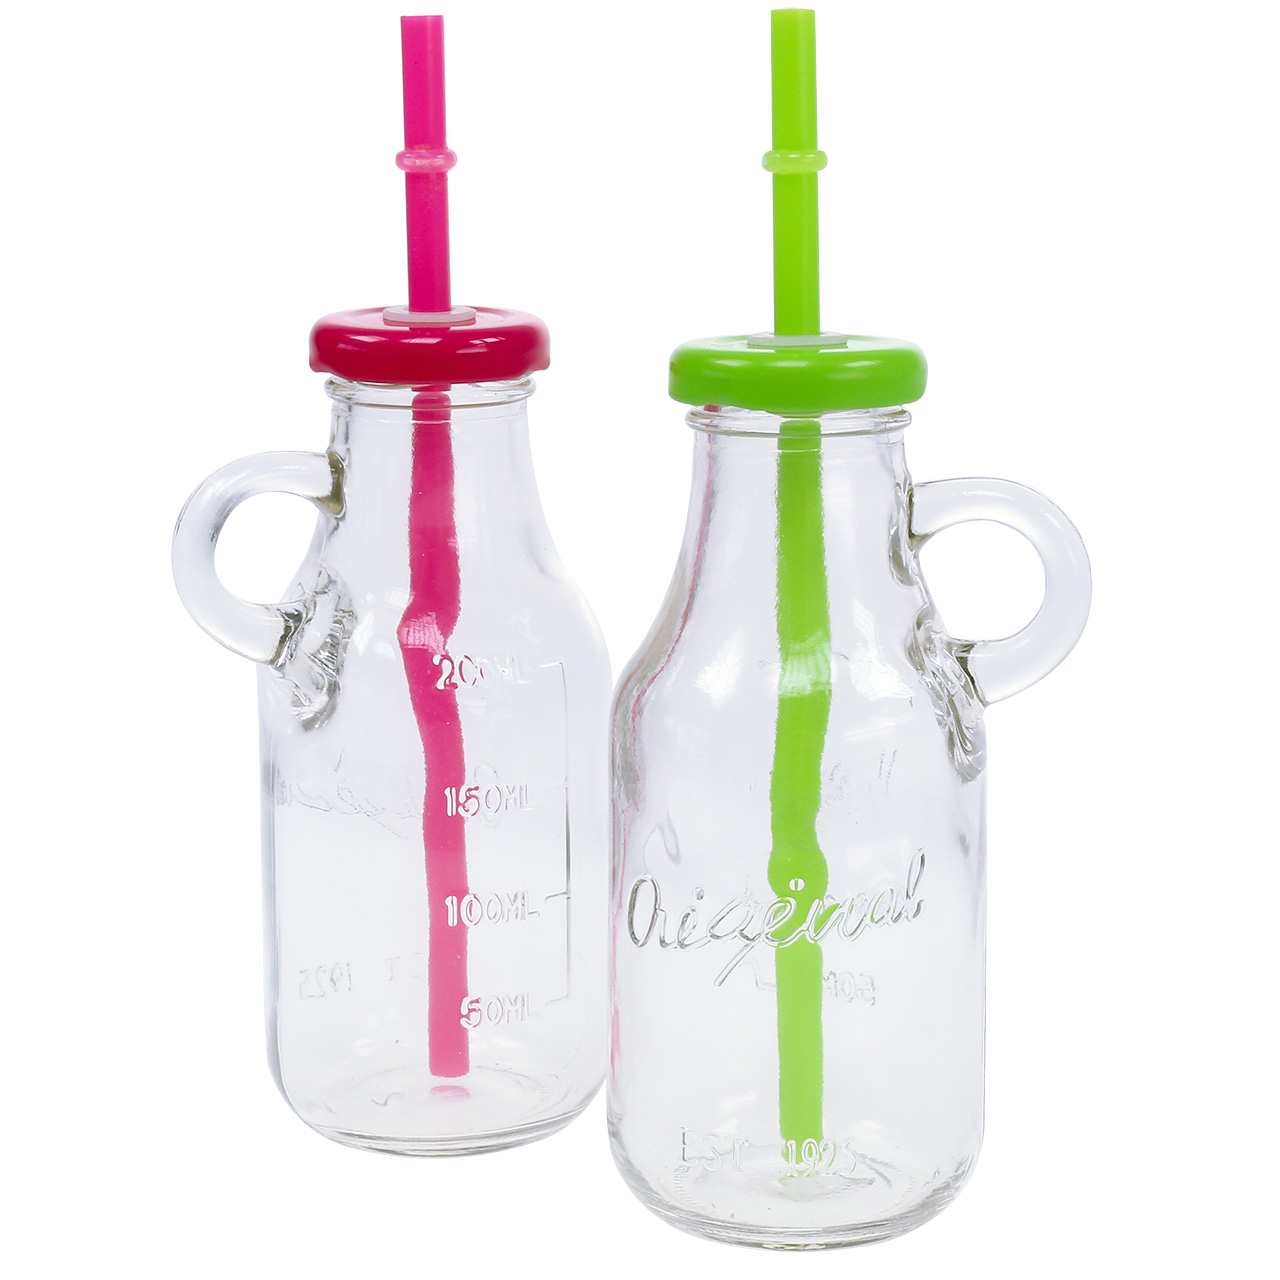 Deko flaschen mit deckel und strohhalm h14 5cm preiswert online kaufen - Deko mit flaschen ...